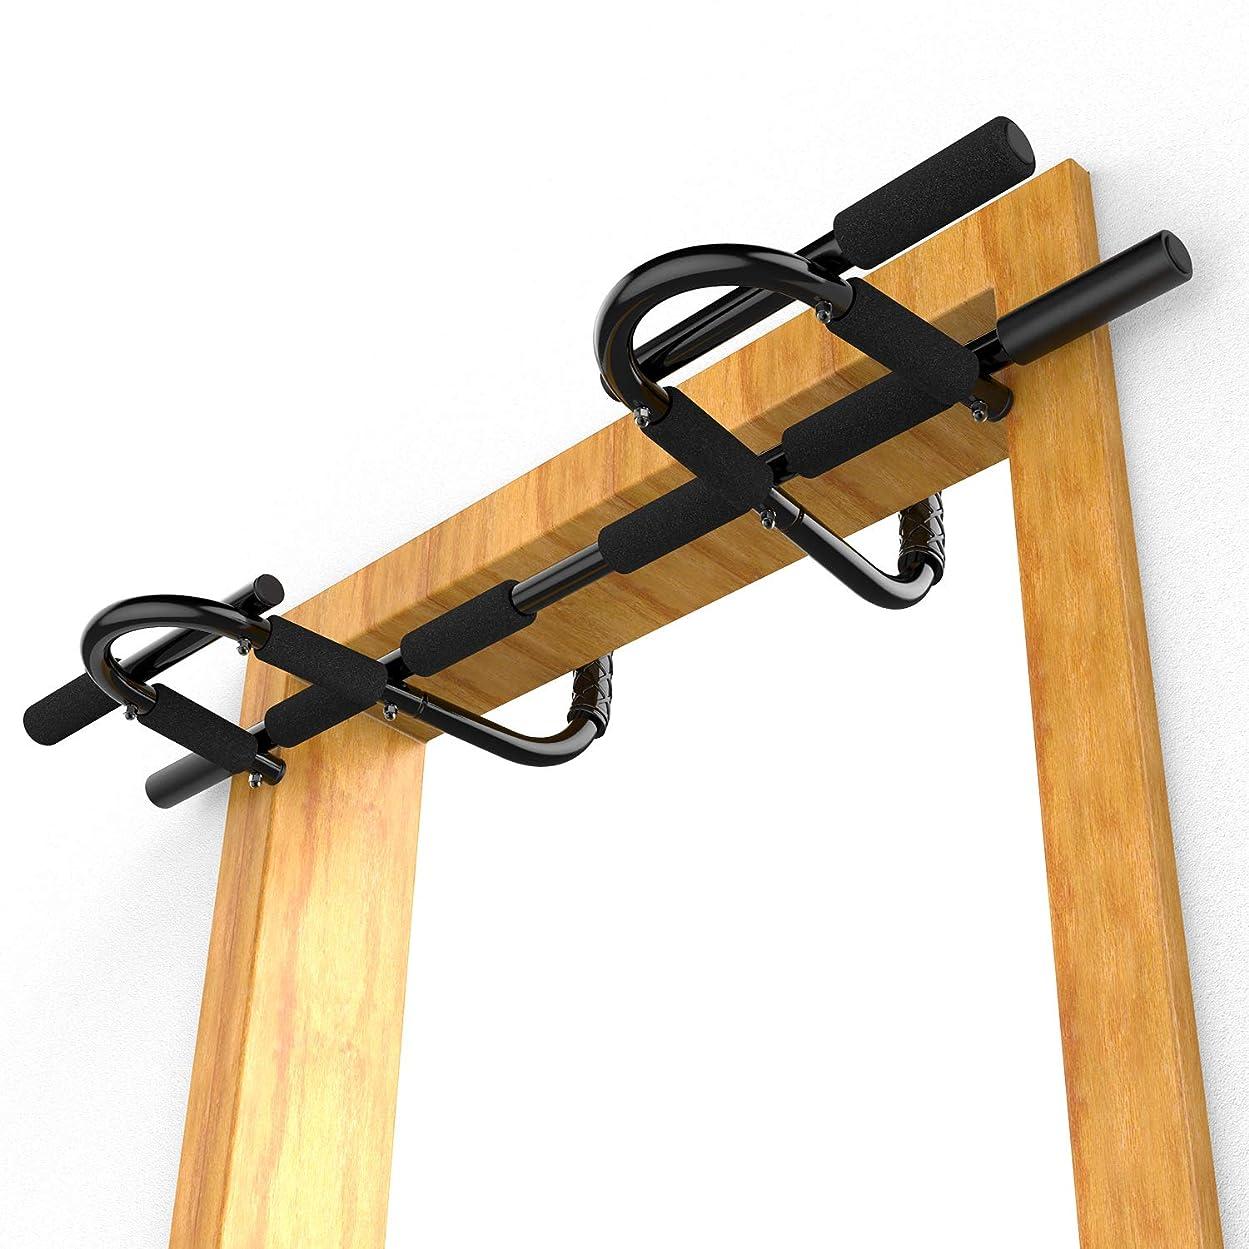 猟犬スリーブからかうALINCO(アルインコ) 懸垂マシン 頑丈肉厚メタルパイプ仕様 高さ202-222cm FA900A チンニングスタンド ぶら下がり健康器